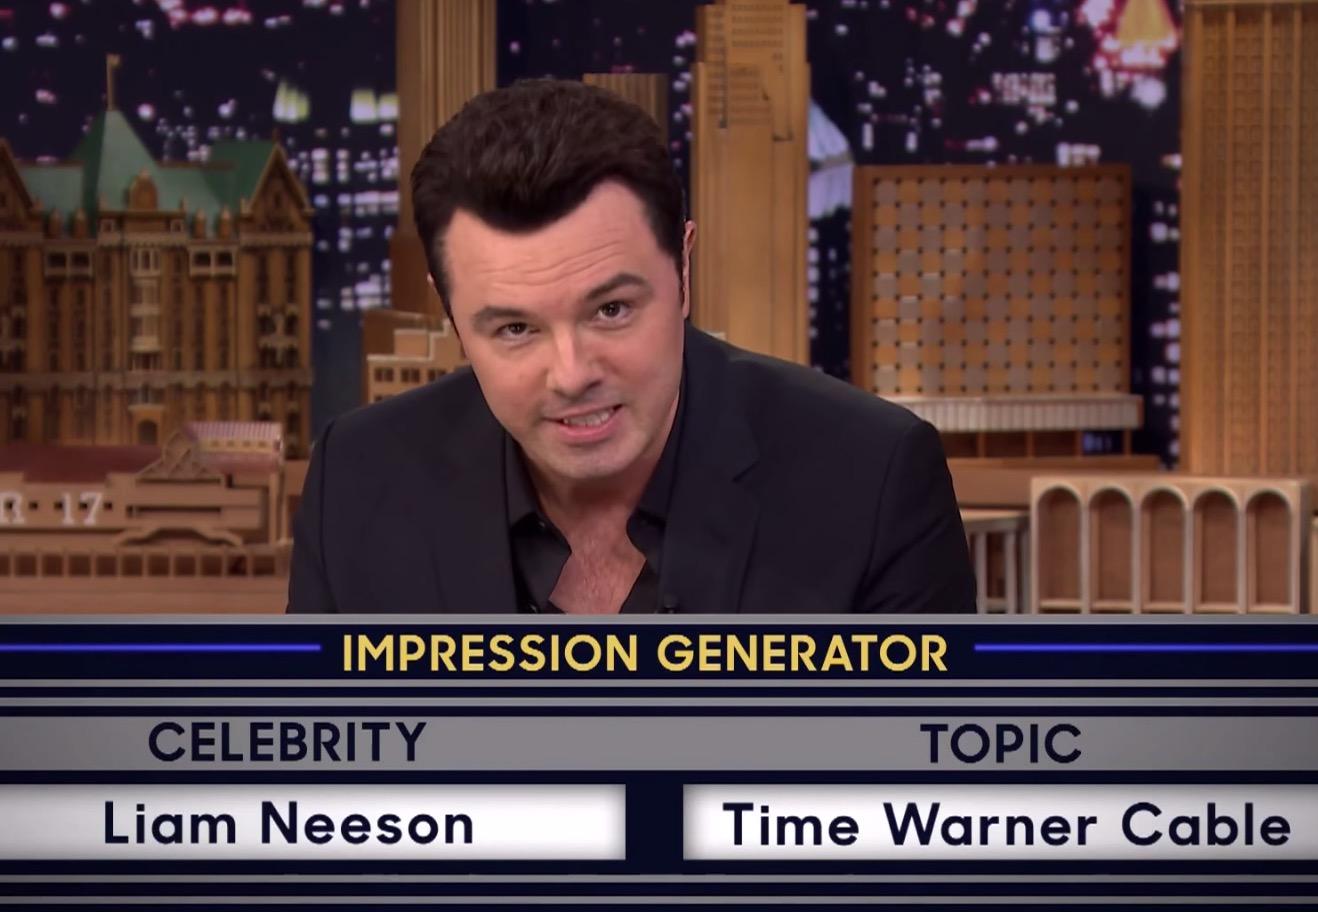 Seth MacFarlane Impersonates Liam Neeson